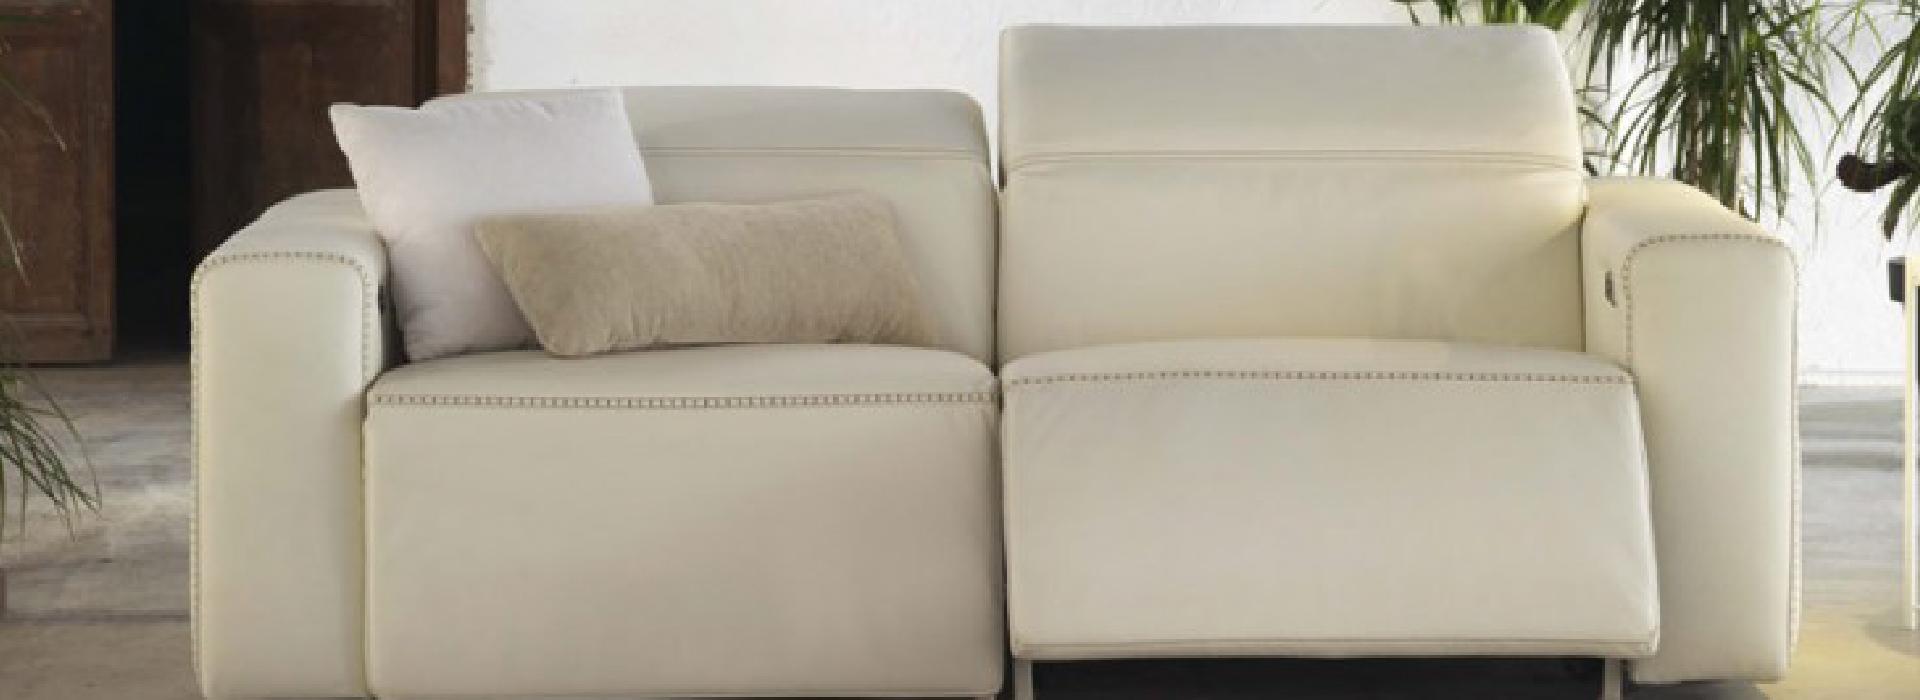 Te damos 4 motivos para que te enamores de los sof s de - Marcas de sofas de piel ...